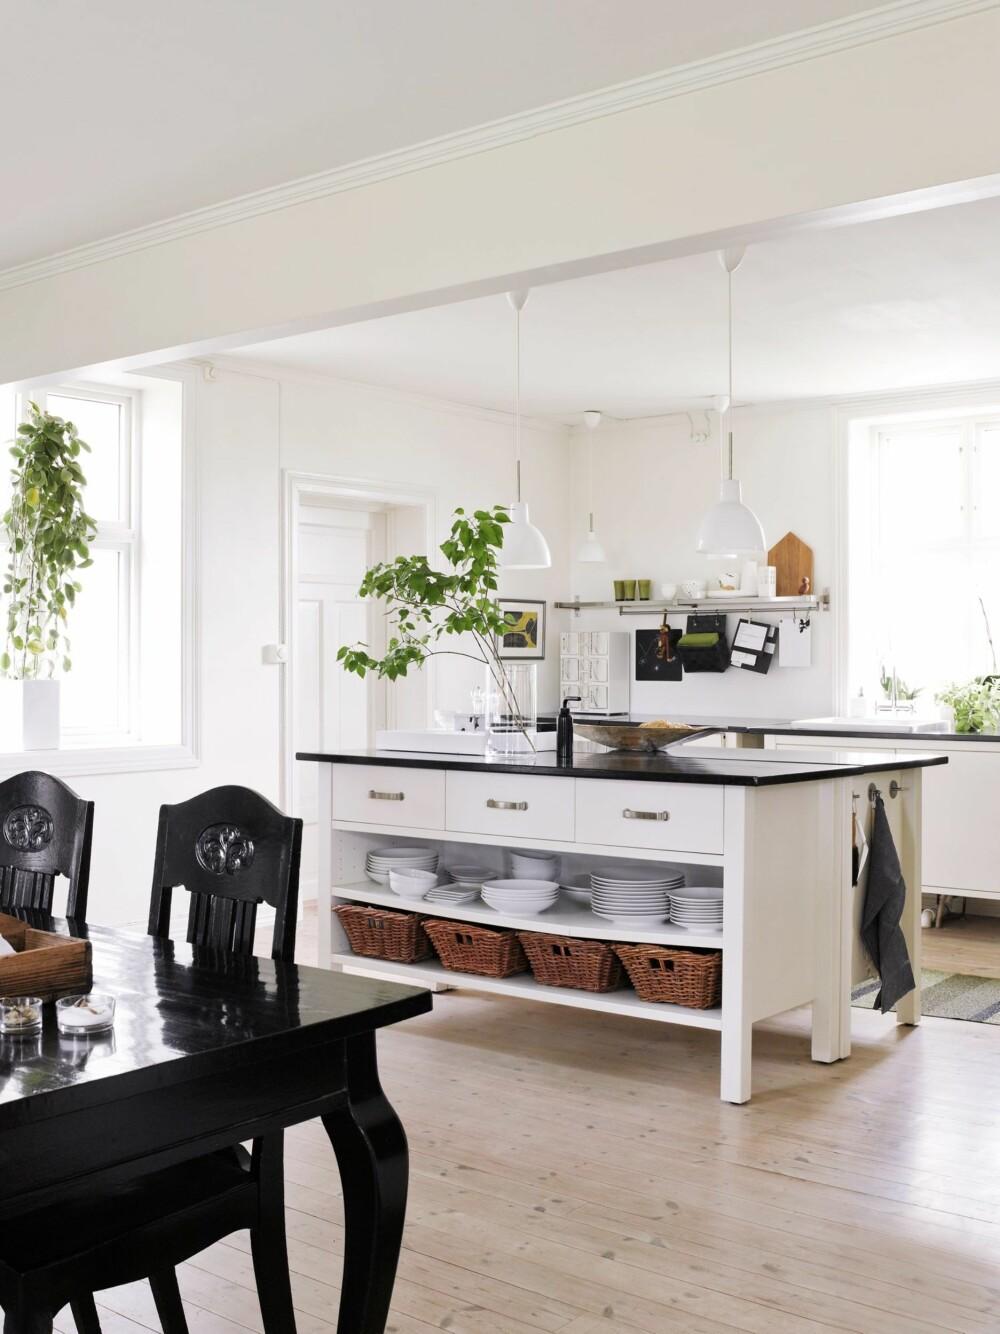 ÅPNET OPP: I taket er restene av en revet vegg. Kjøkkenet er fra Ikea, men malt hvitt. Benkeplater og spisemøblemen er malt med bengalakk, en slitesterk og rimelig behandling. Stoler og bordben er arvet. Pendler fra Louis Poulsen i to størrelser henger over øya og langs veggen. Styling: Kirsten Visdal.